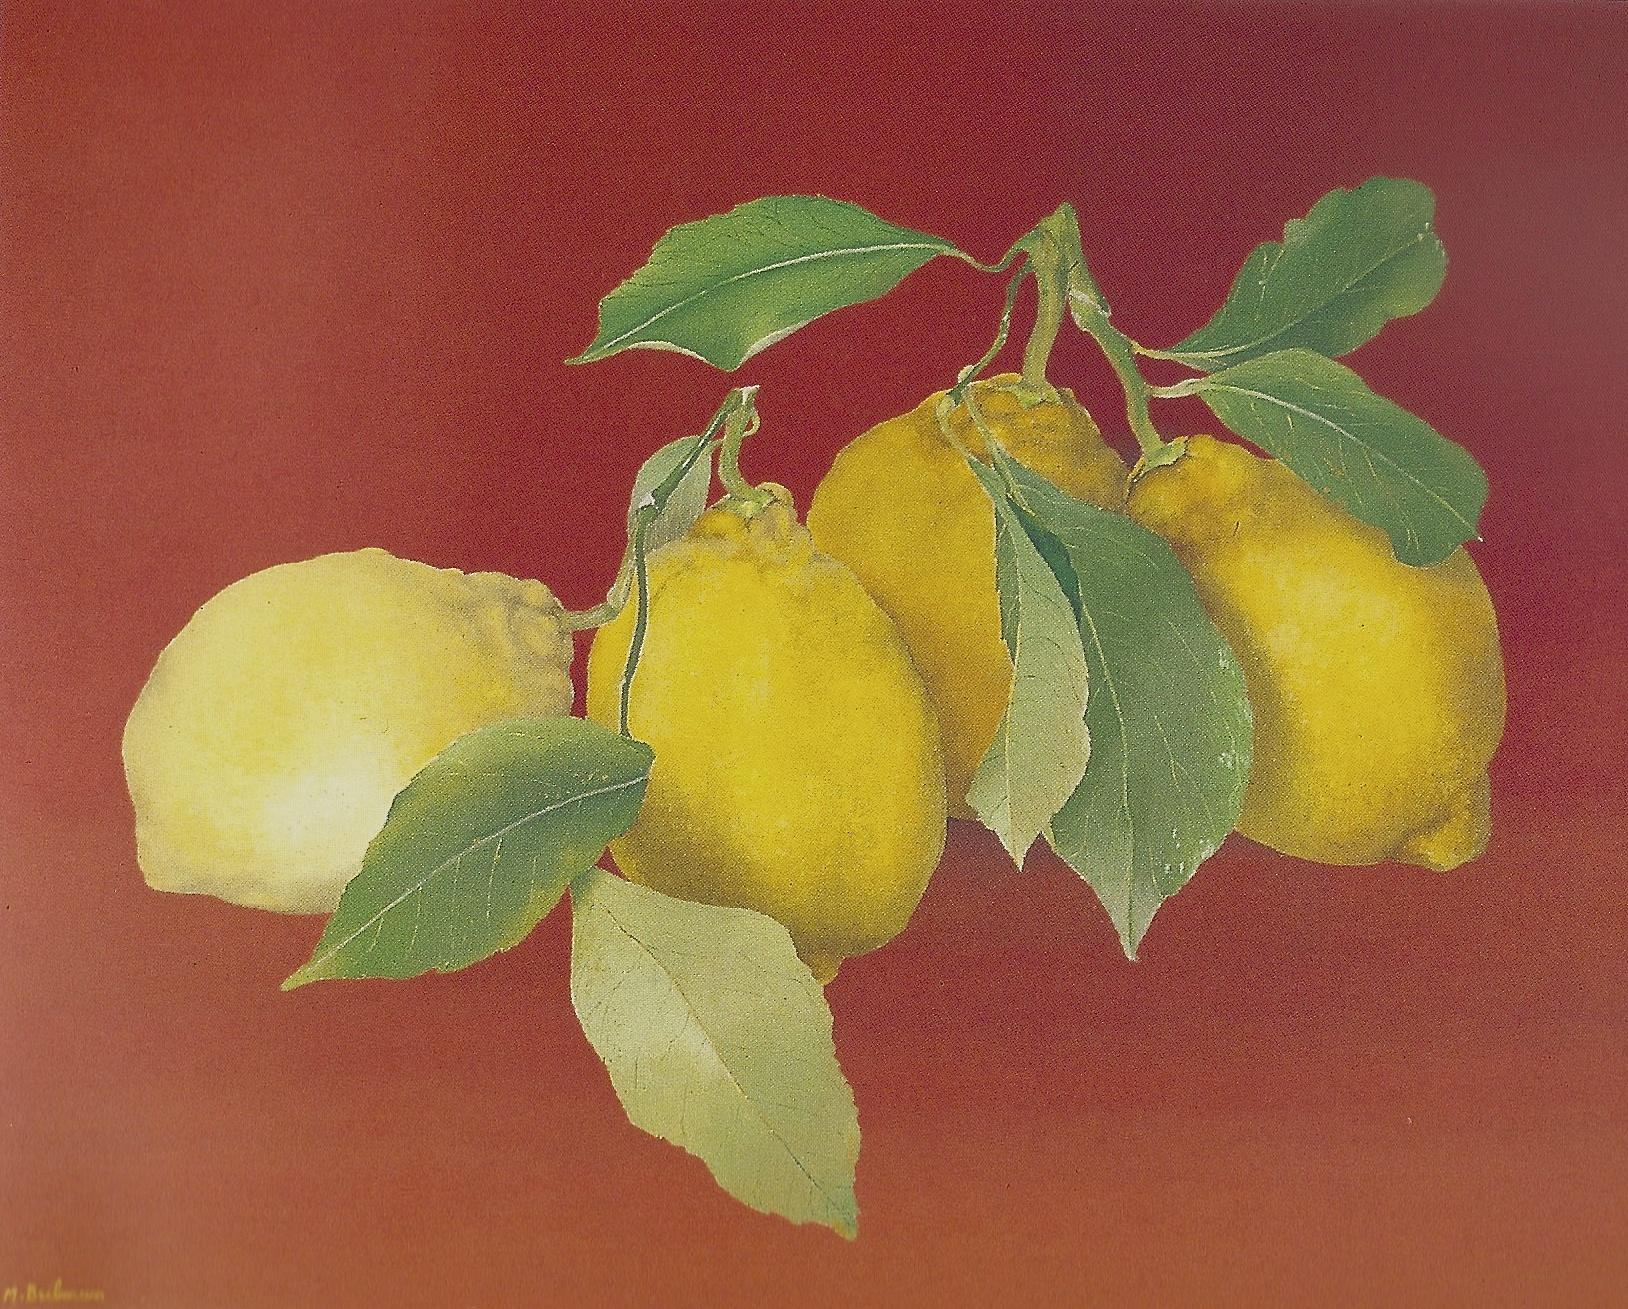 Citrons sur fond rouge